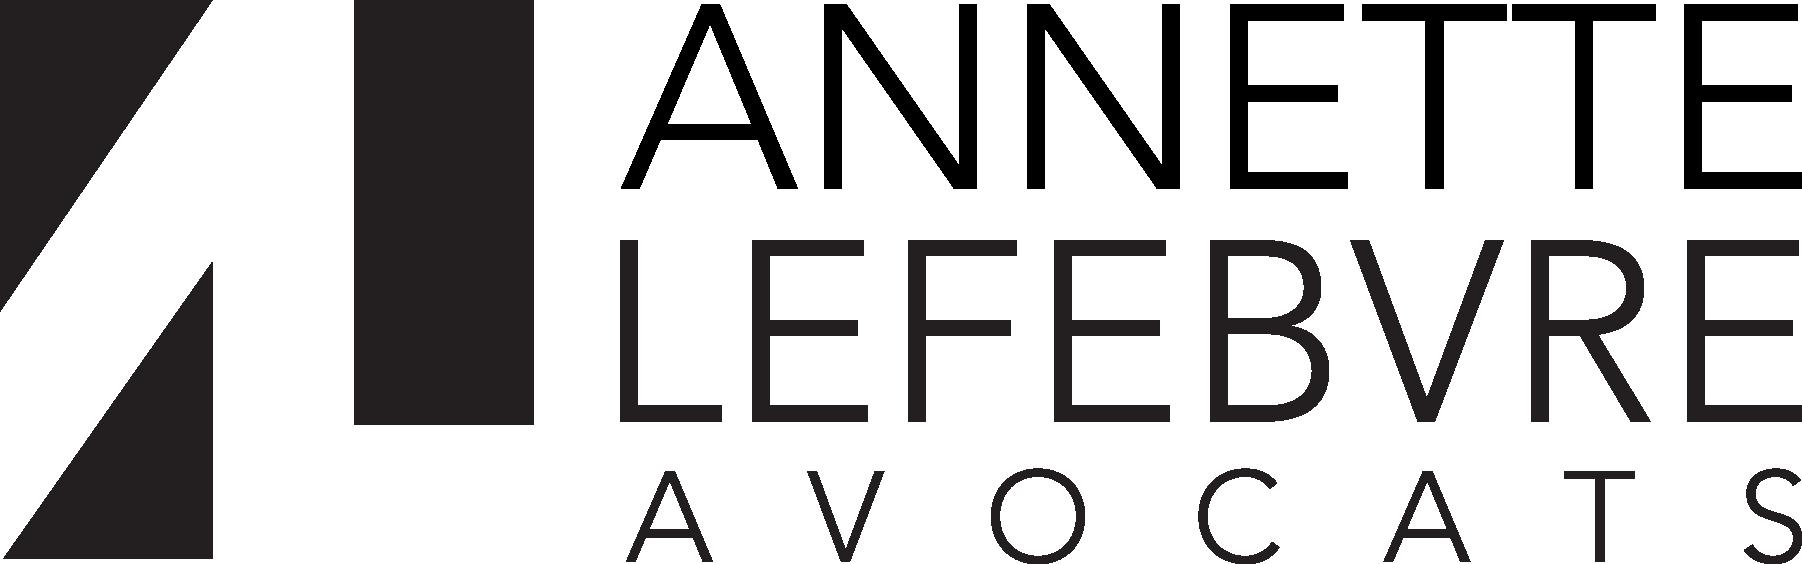 Annette Lefebvre Avocats